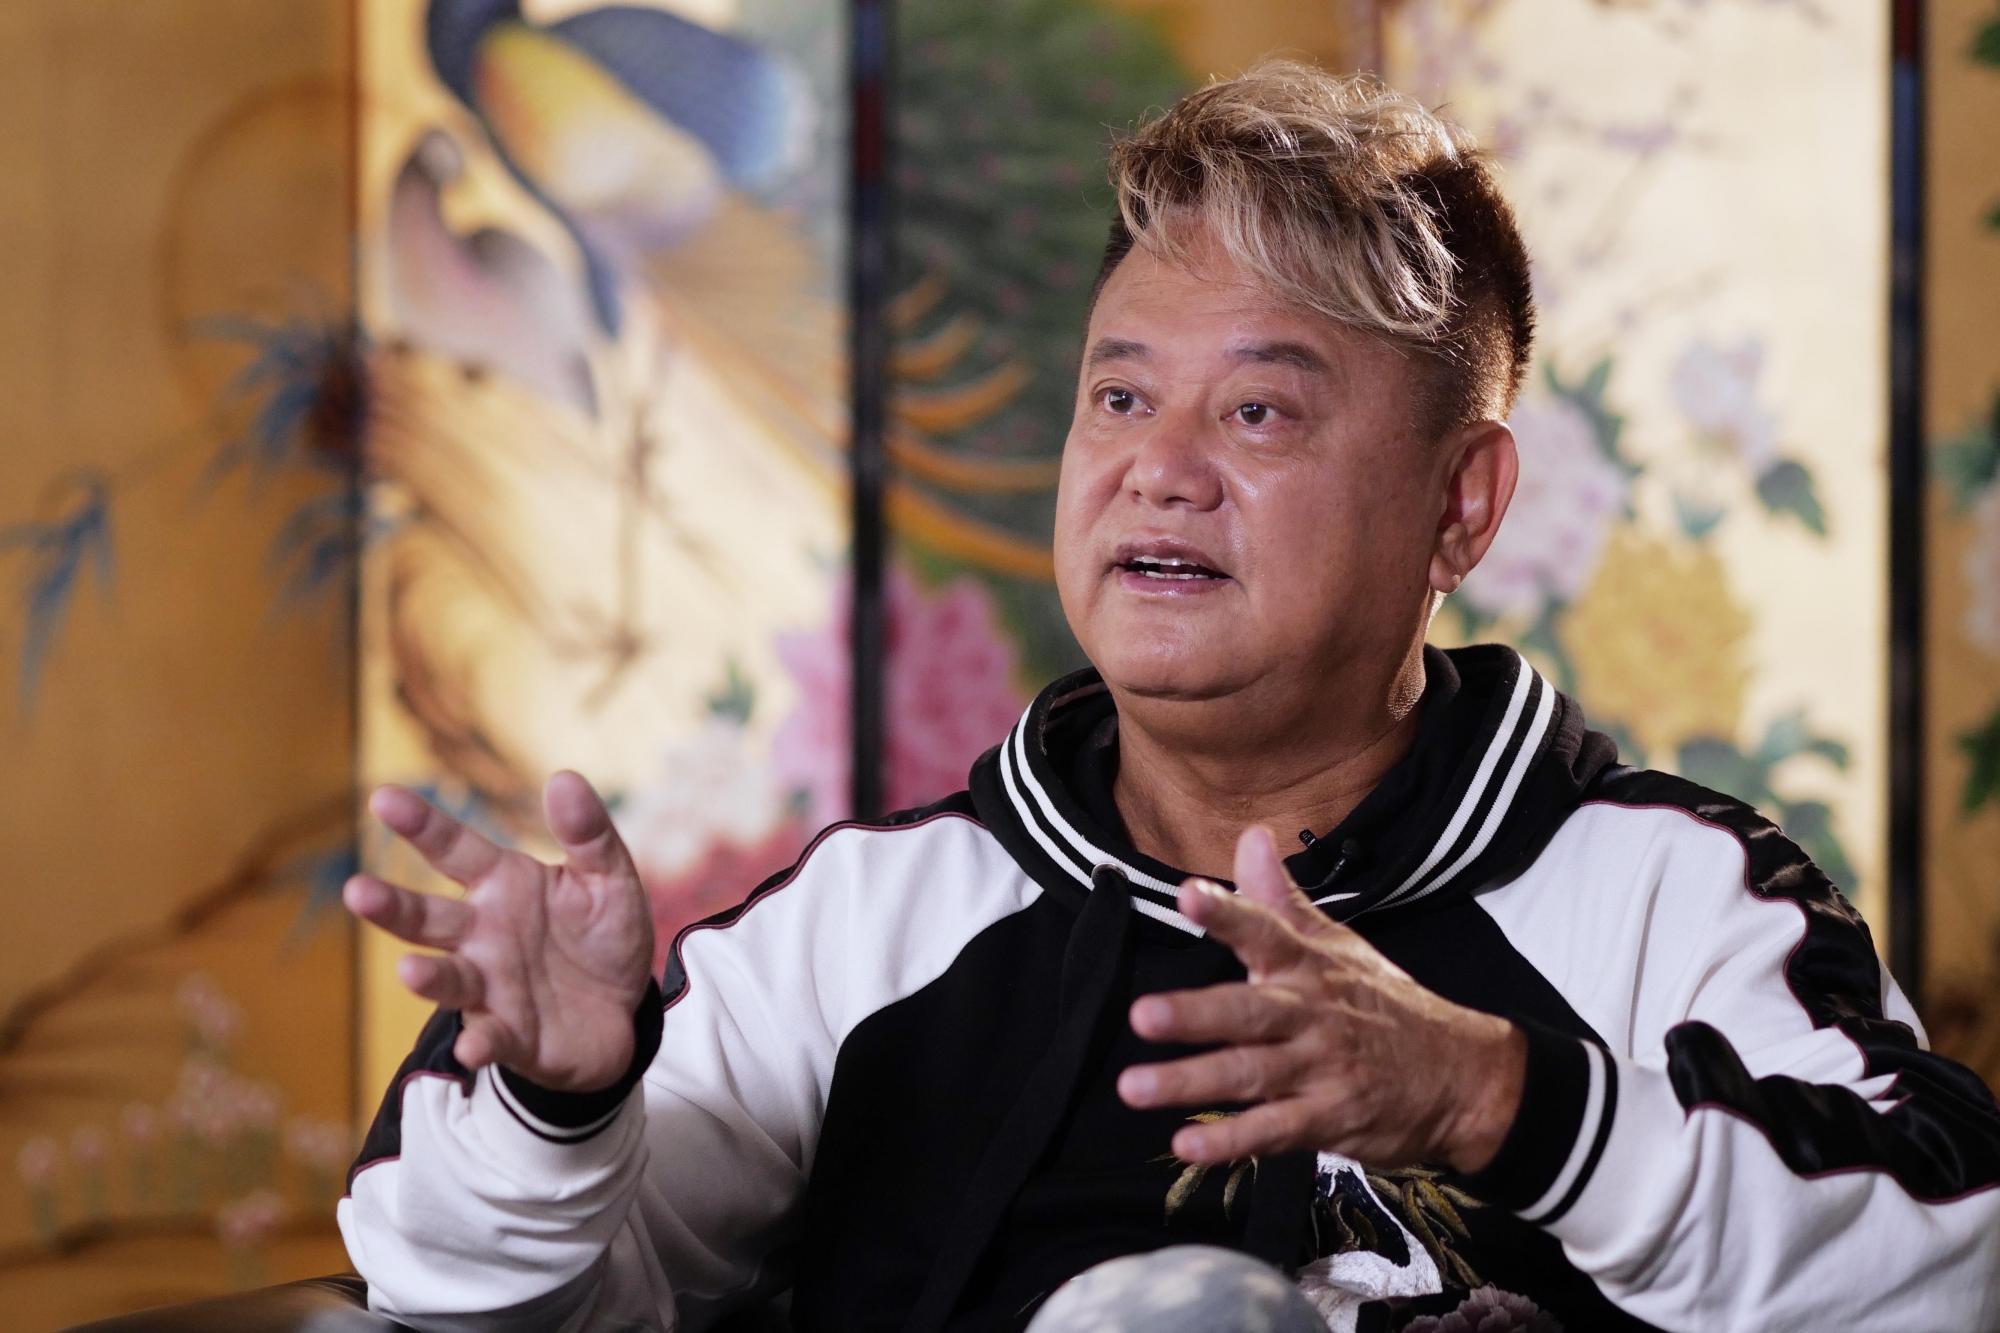 吴孟达、廖启智相继去世,香港还在世的黄金配角们现在过得如何?